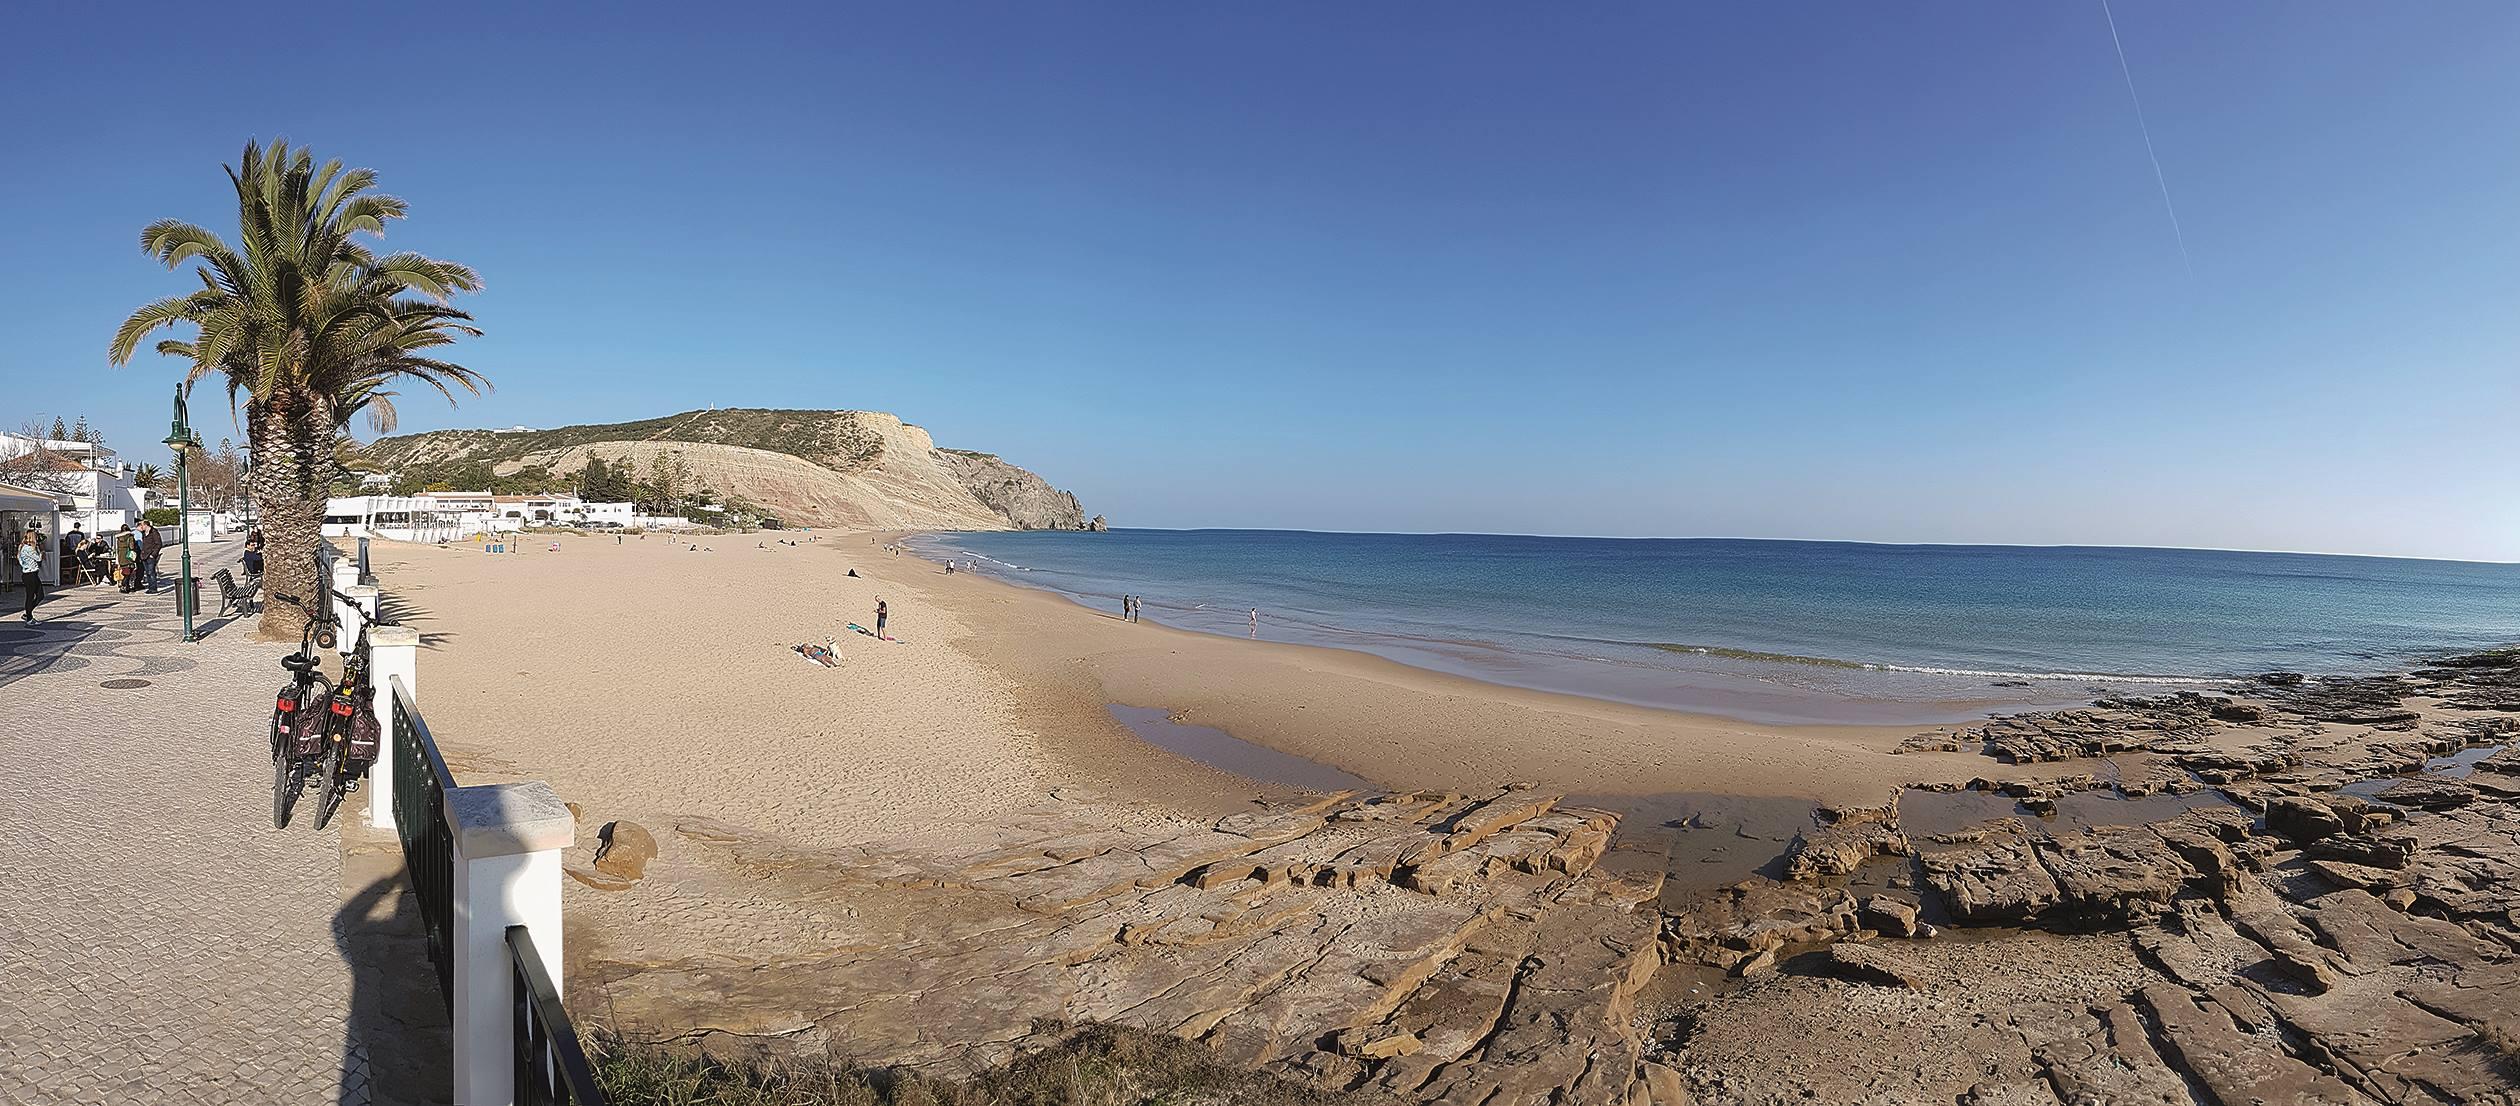 Blick auf die wunderschöne »Praia da Luz« mit Ihrer markanten Felsformation